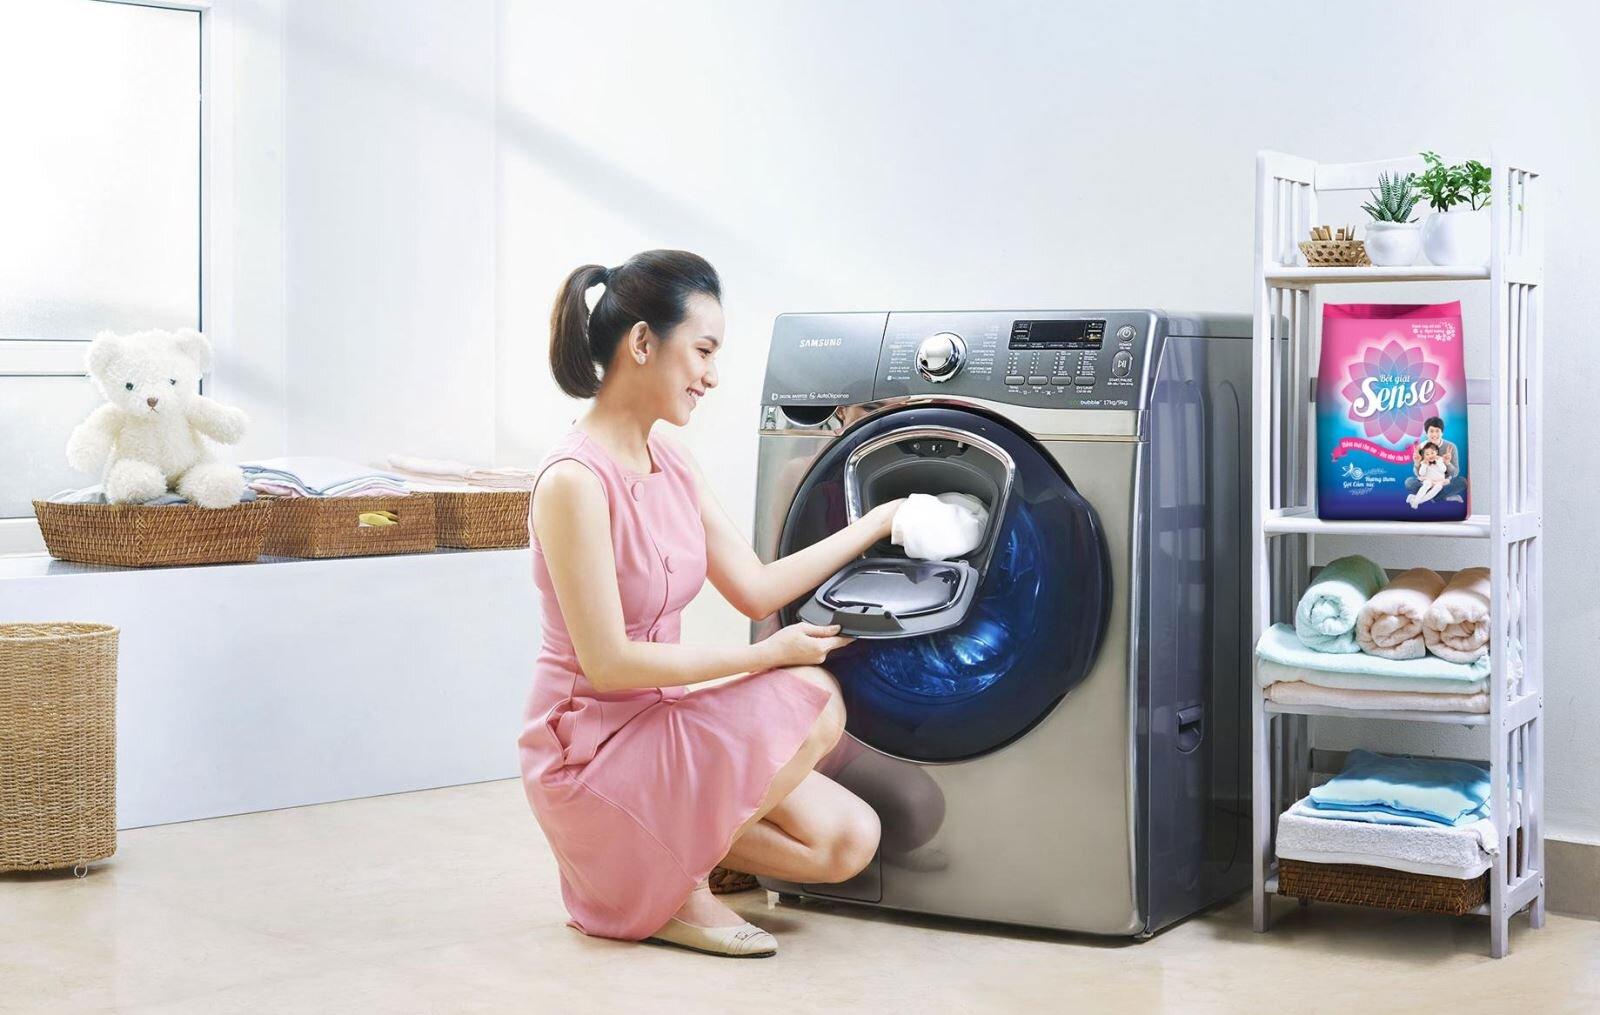 Kinh nghiệm mua máy giặt chính hãng tốt nhất